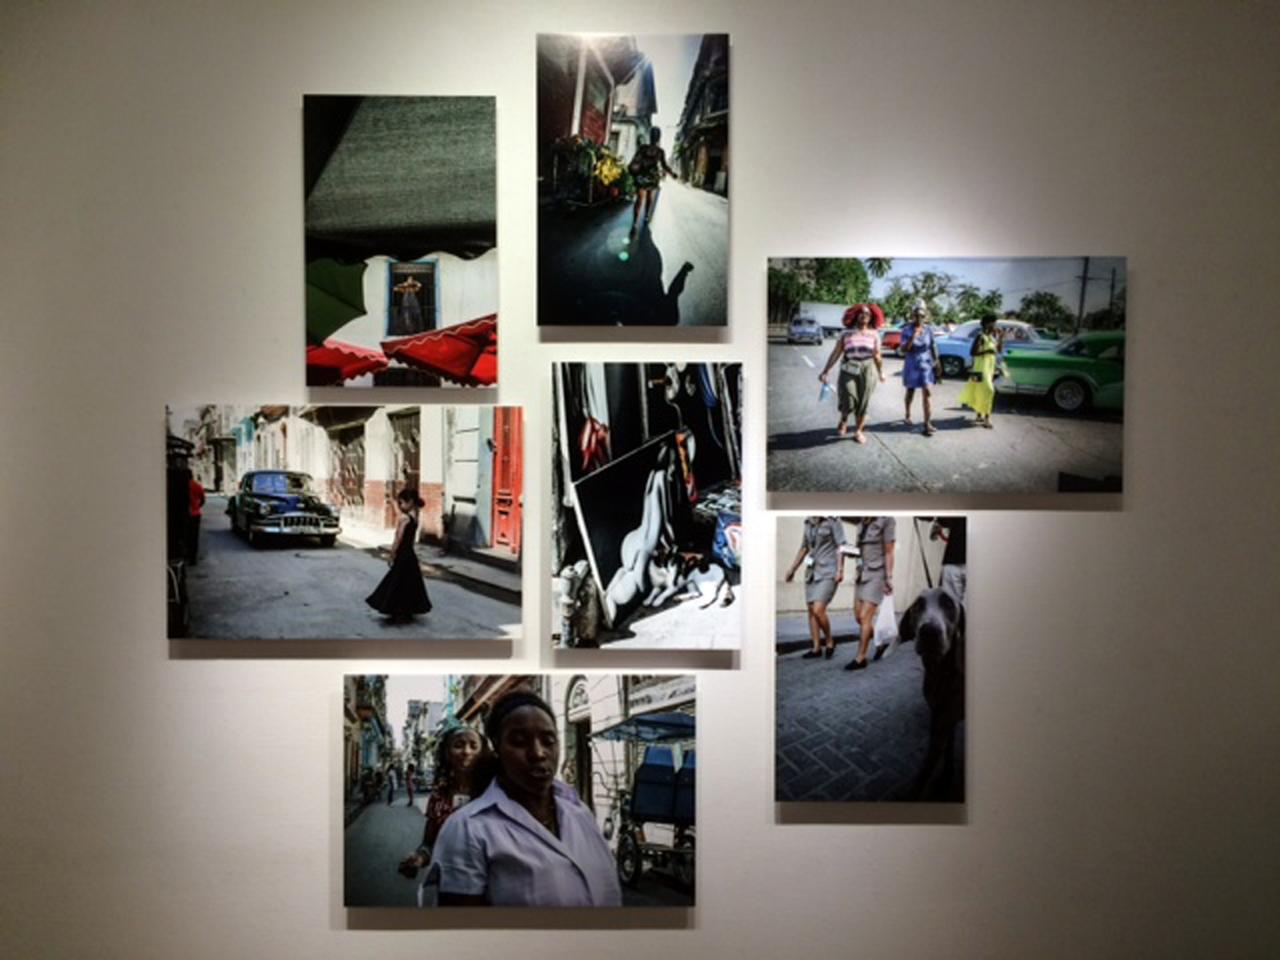 画像2: サトウヒトミ作品展 『Lady,Lady,Lady』には、世界中の女性たちがアクティヴに、美しく、セクシーに、写っています。